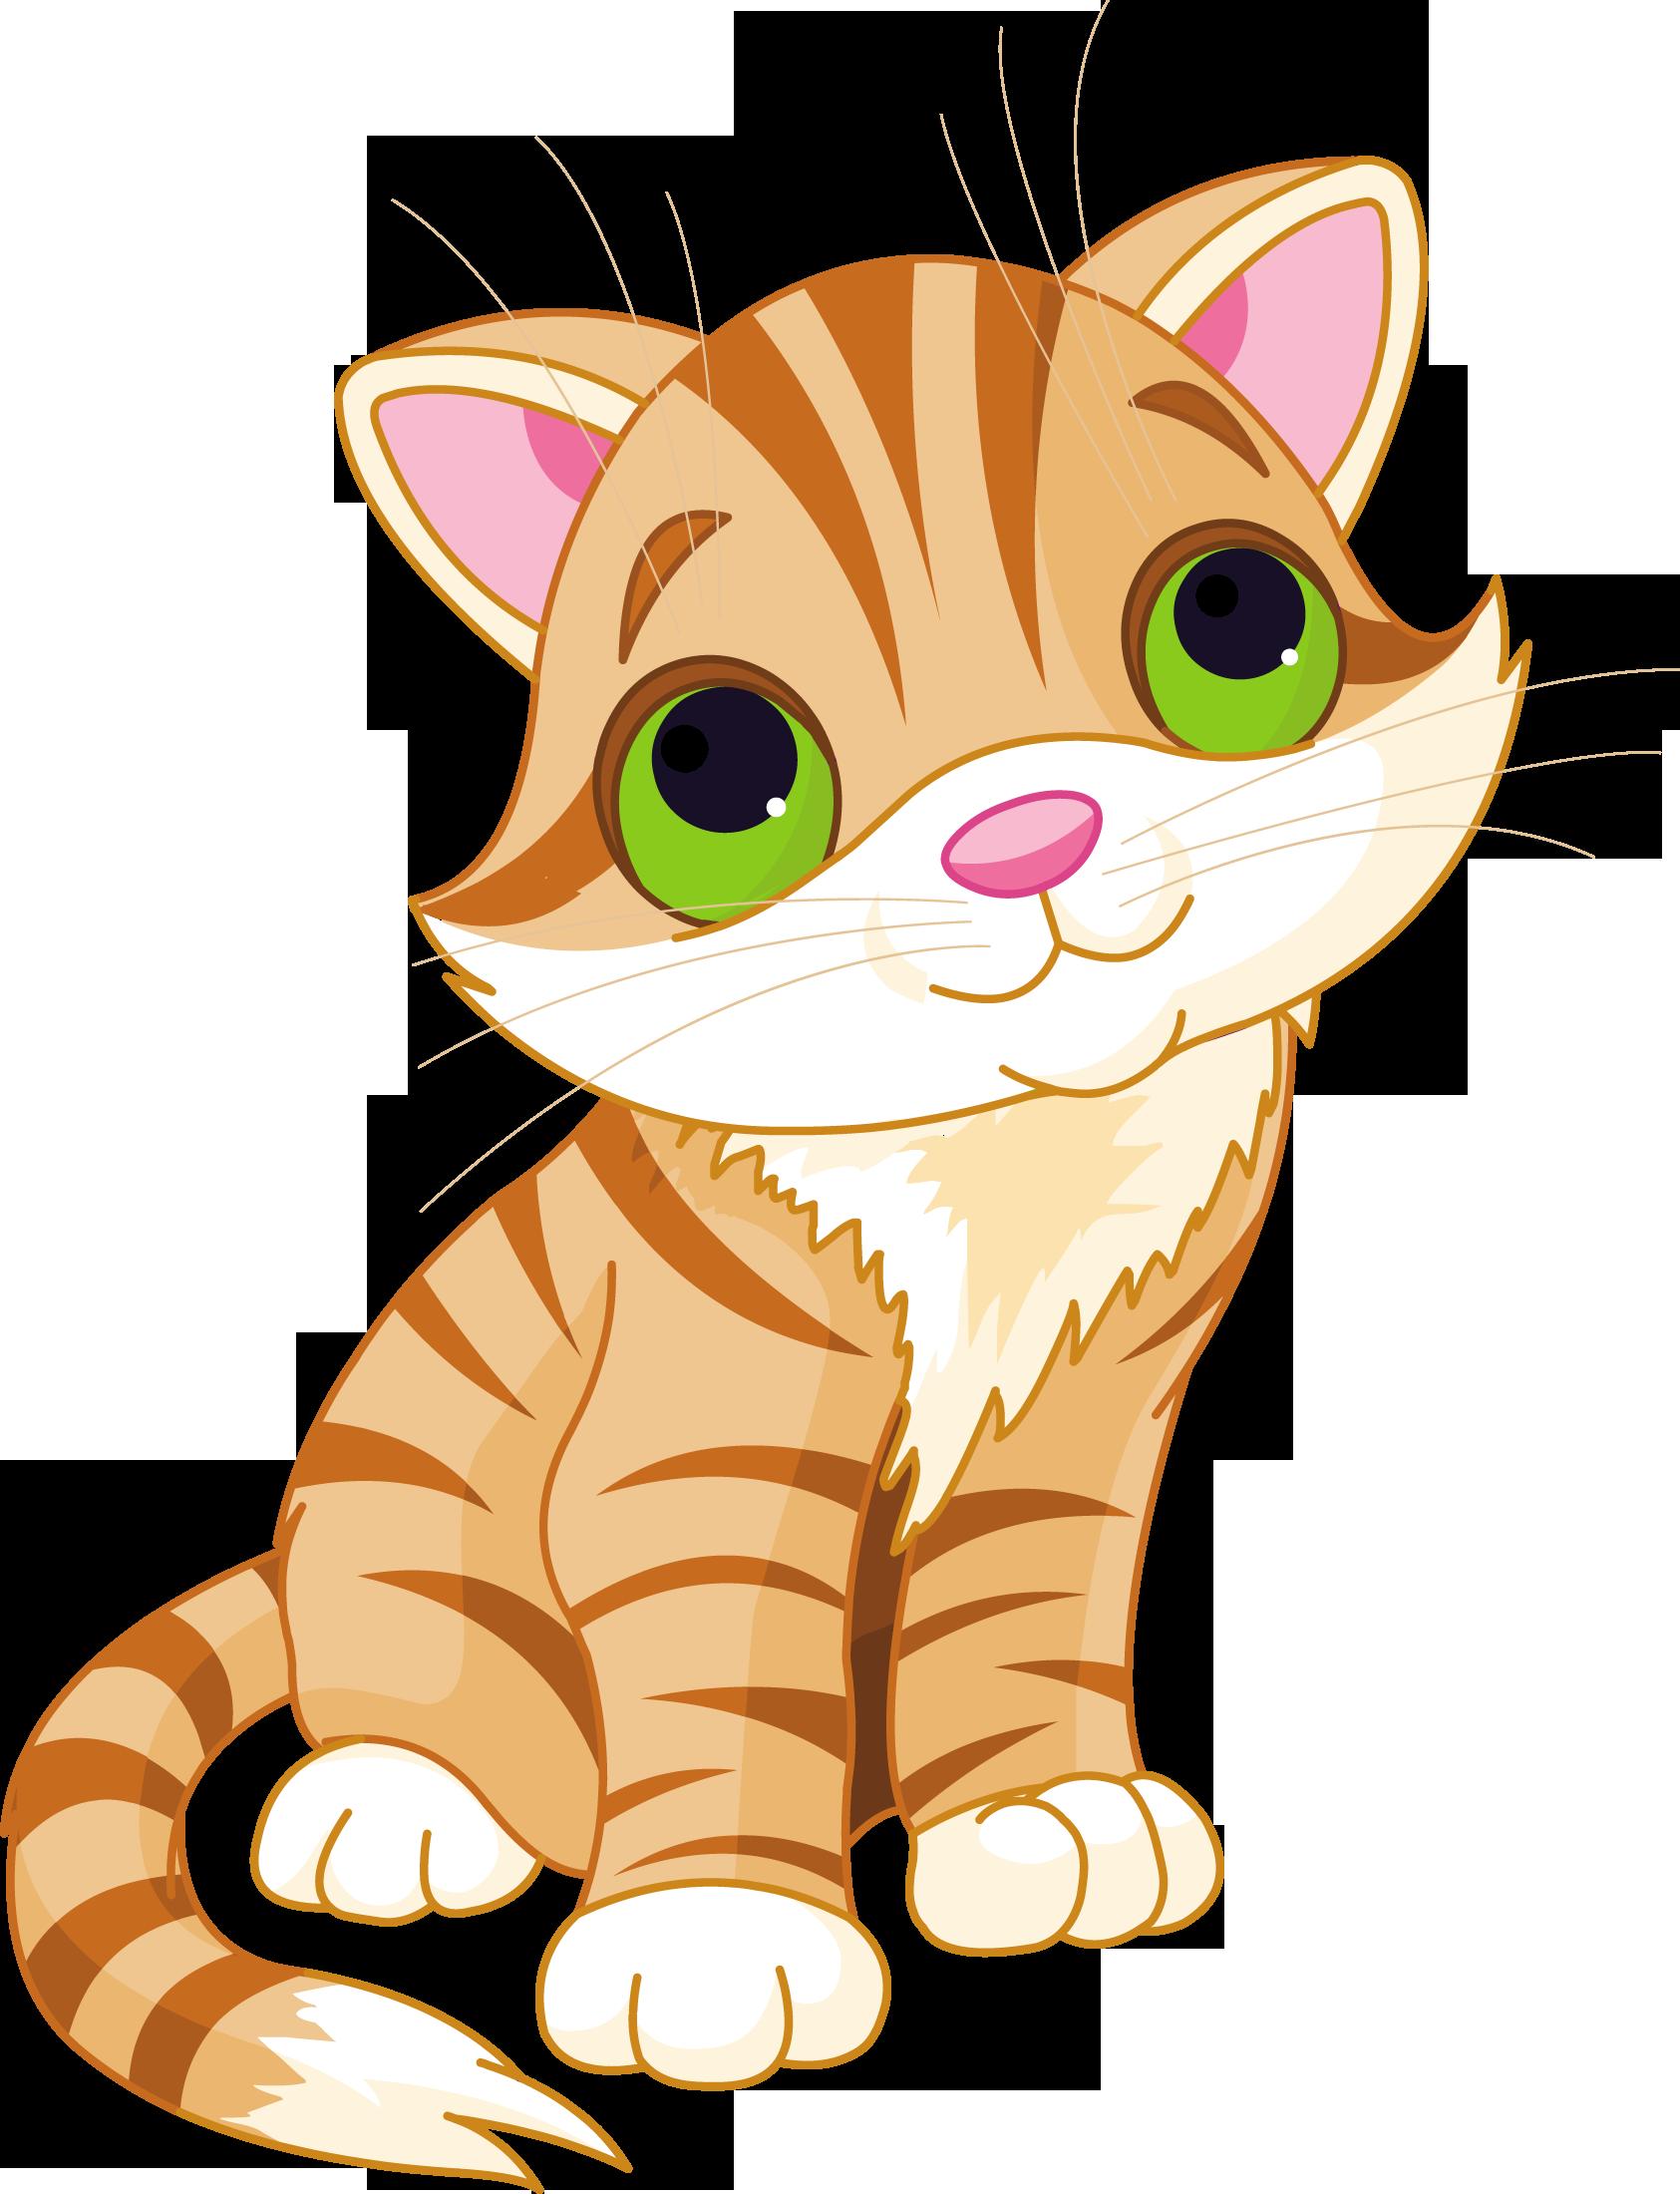 картинки котика мультяшного